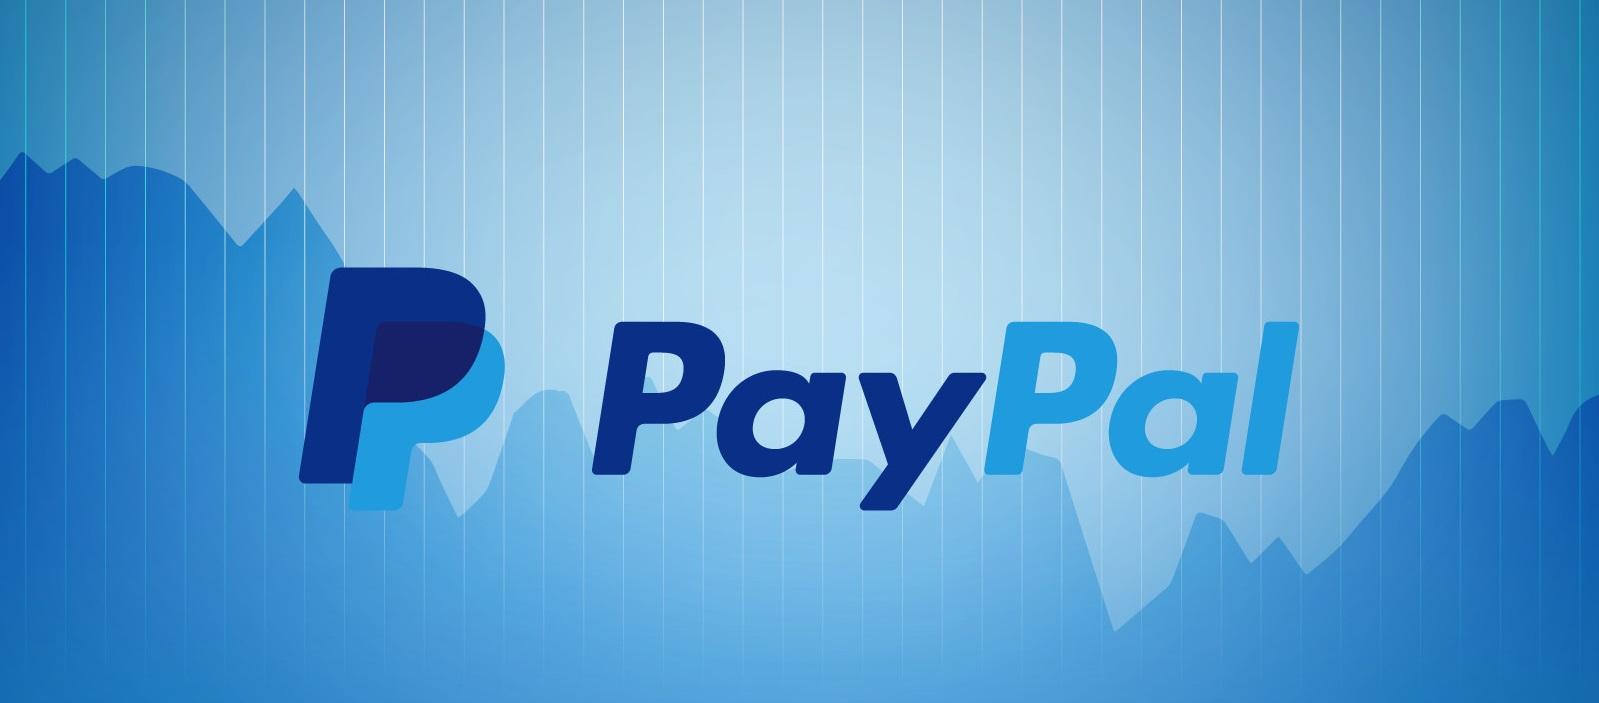 Una vulnerabilidad en Gmail permite robar dinero de PayPal